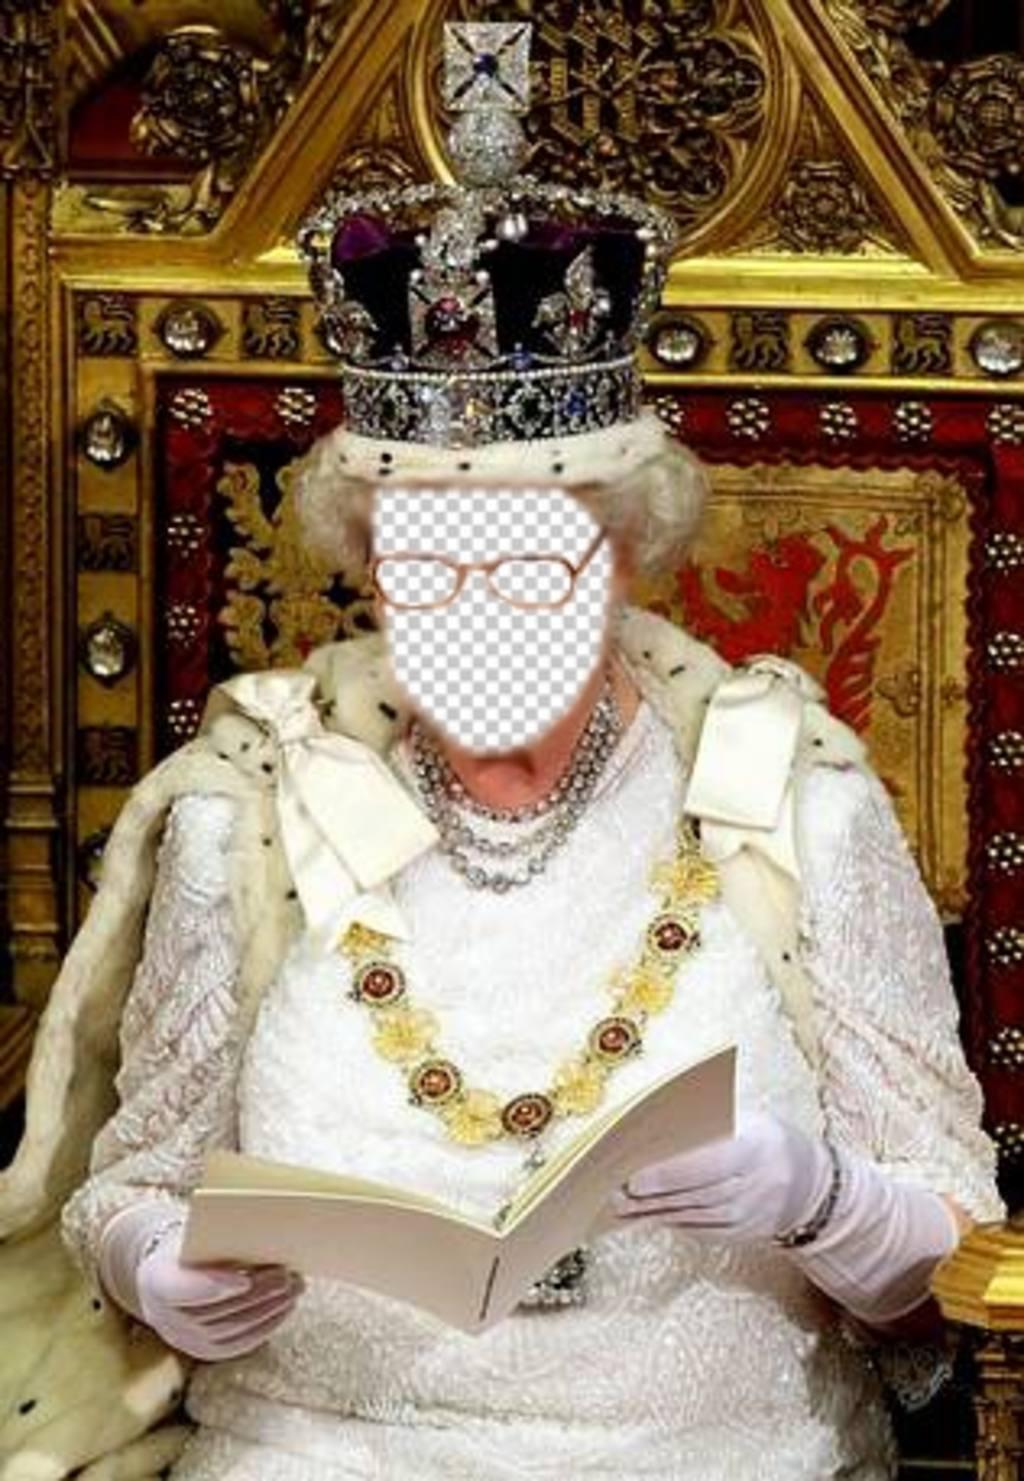 Dans ce photomontage, vous serez la reine dAngleterre assis sur Photomontage de son trône royal pour éditer en ligne et télécharger une photo que vous pouvez régler le visage dans le visage de la reine dAngleterre, assis sur son trône royal et avec la grande couronne complète des diamants. Vous aurez lair si réel dans ce sens que vous sentez que vous êtes vraiment de la redevance et vous pouvez utiliser cet effet que votre photo de profil